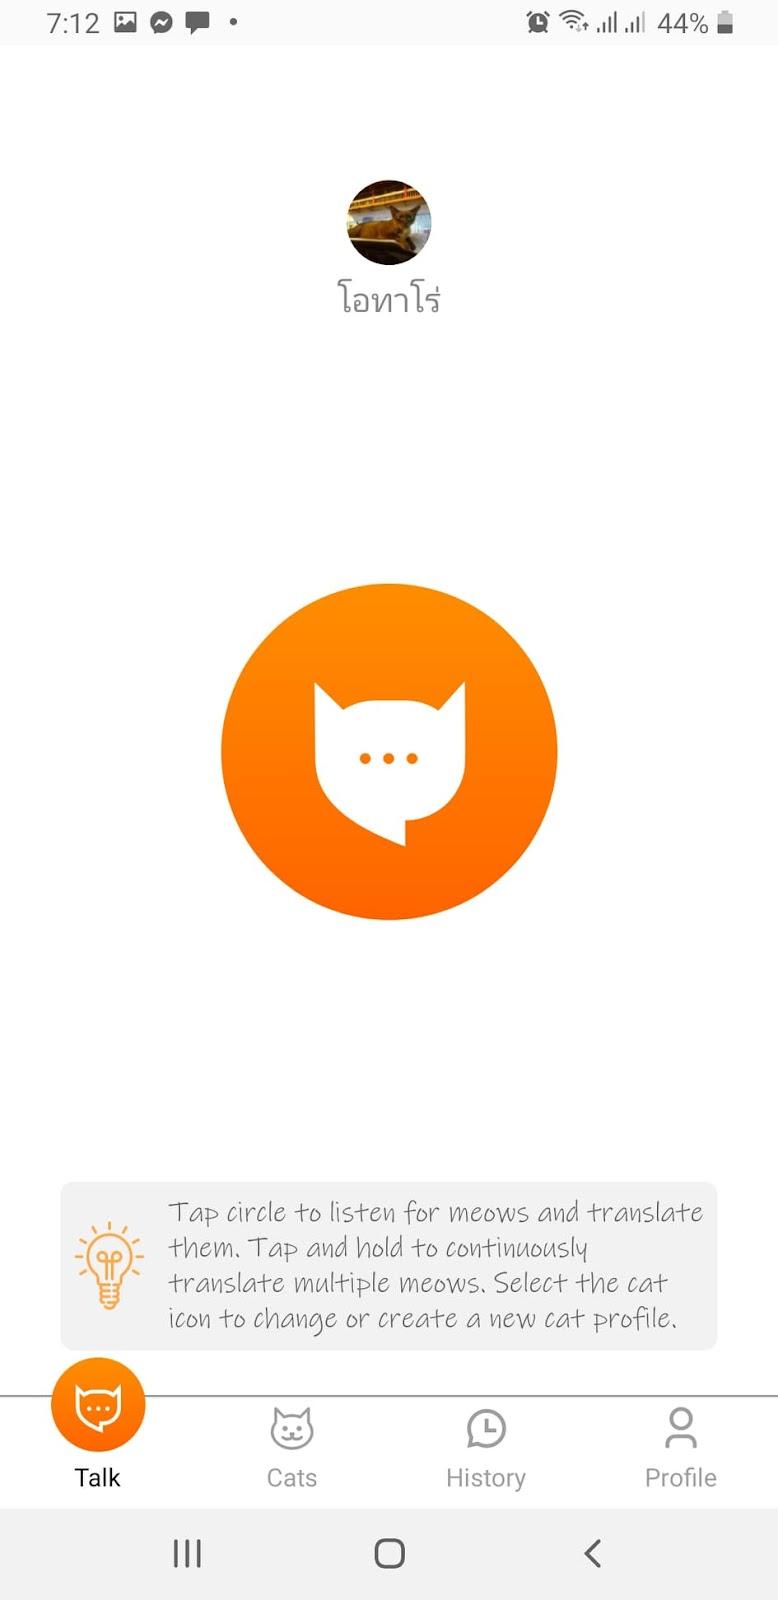 คุยกับแมวด้วยภาษาแมวผ่านแอพ MeowTalk 3